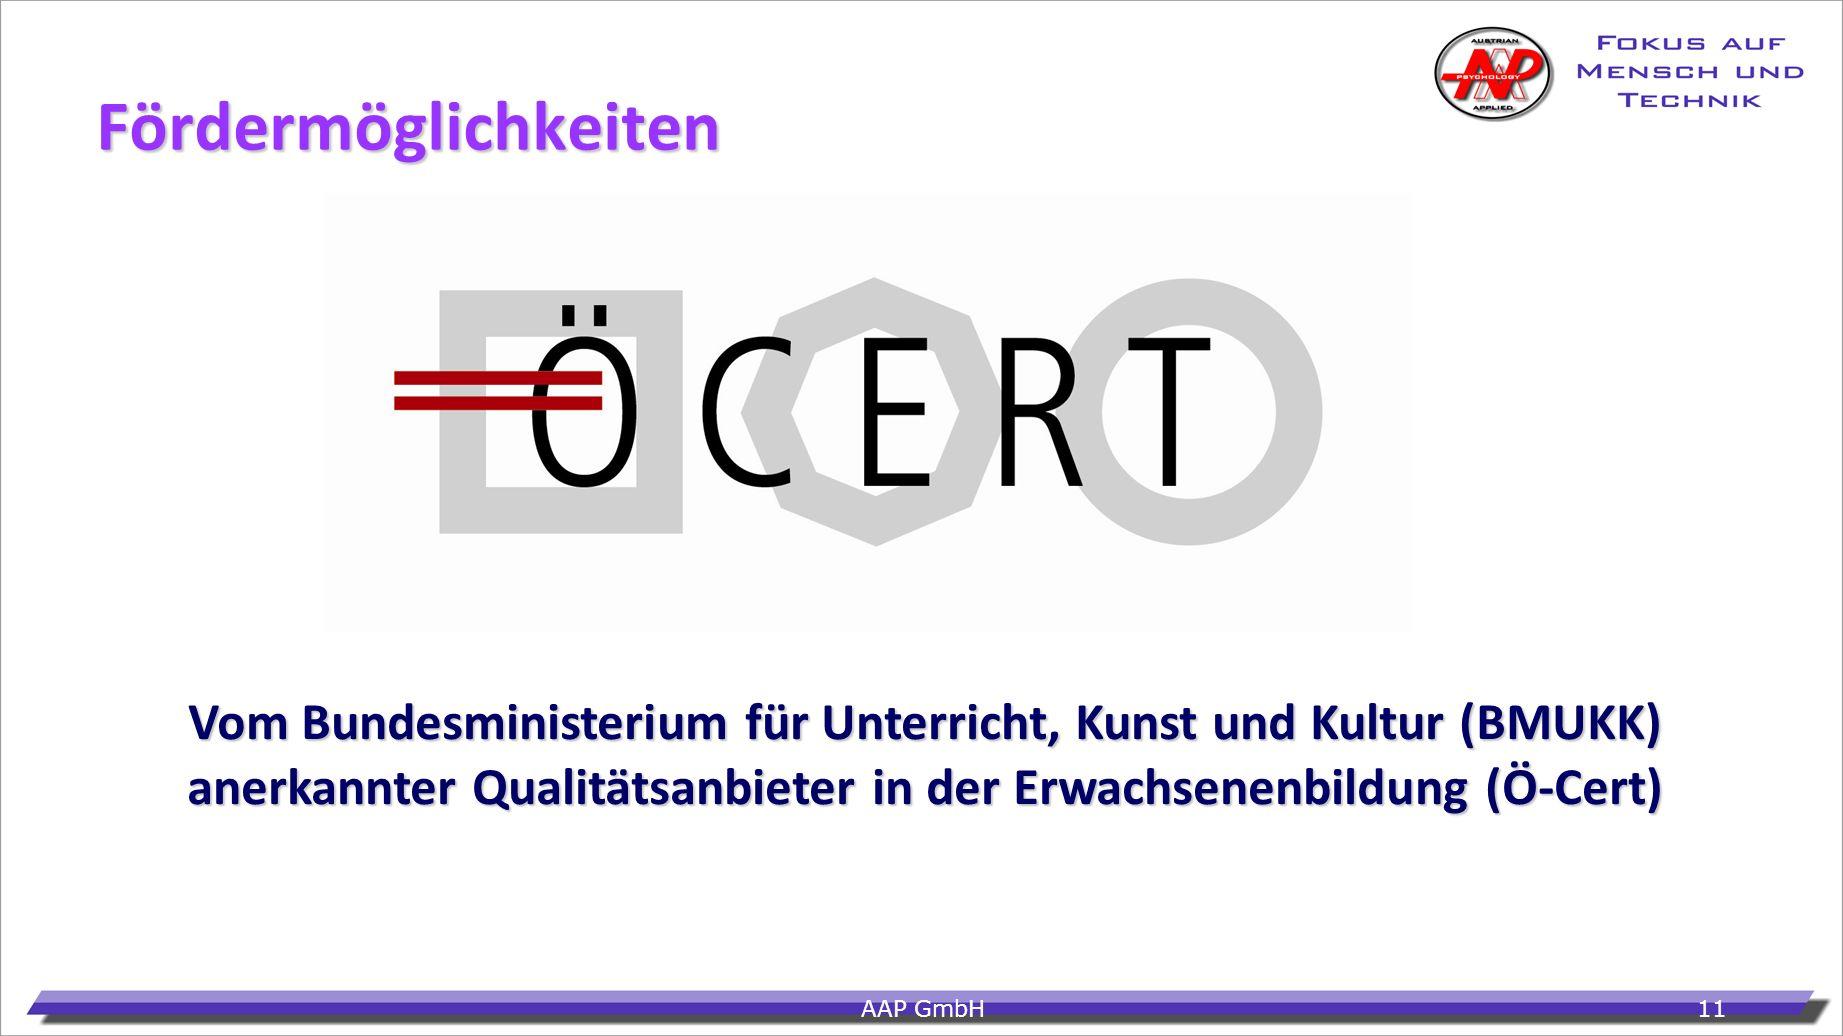 AAP GmbH11 Fördermöglichkeiten Vom Bundesministerium für Unterricht, Kunst und Kultur (BMUKK) anerkannter Qualitätsanbieter in der Erwachsenenbildung